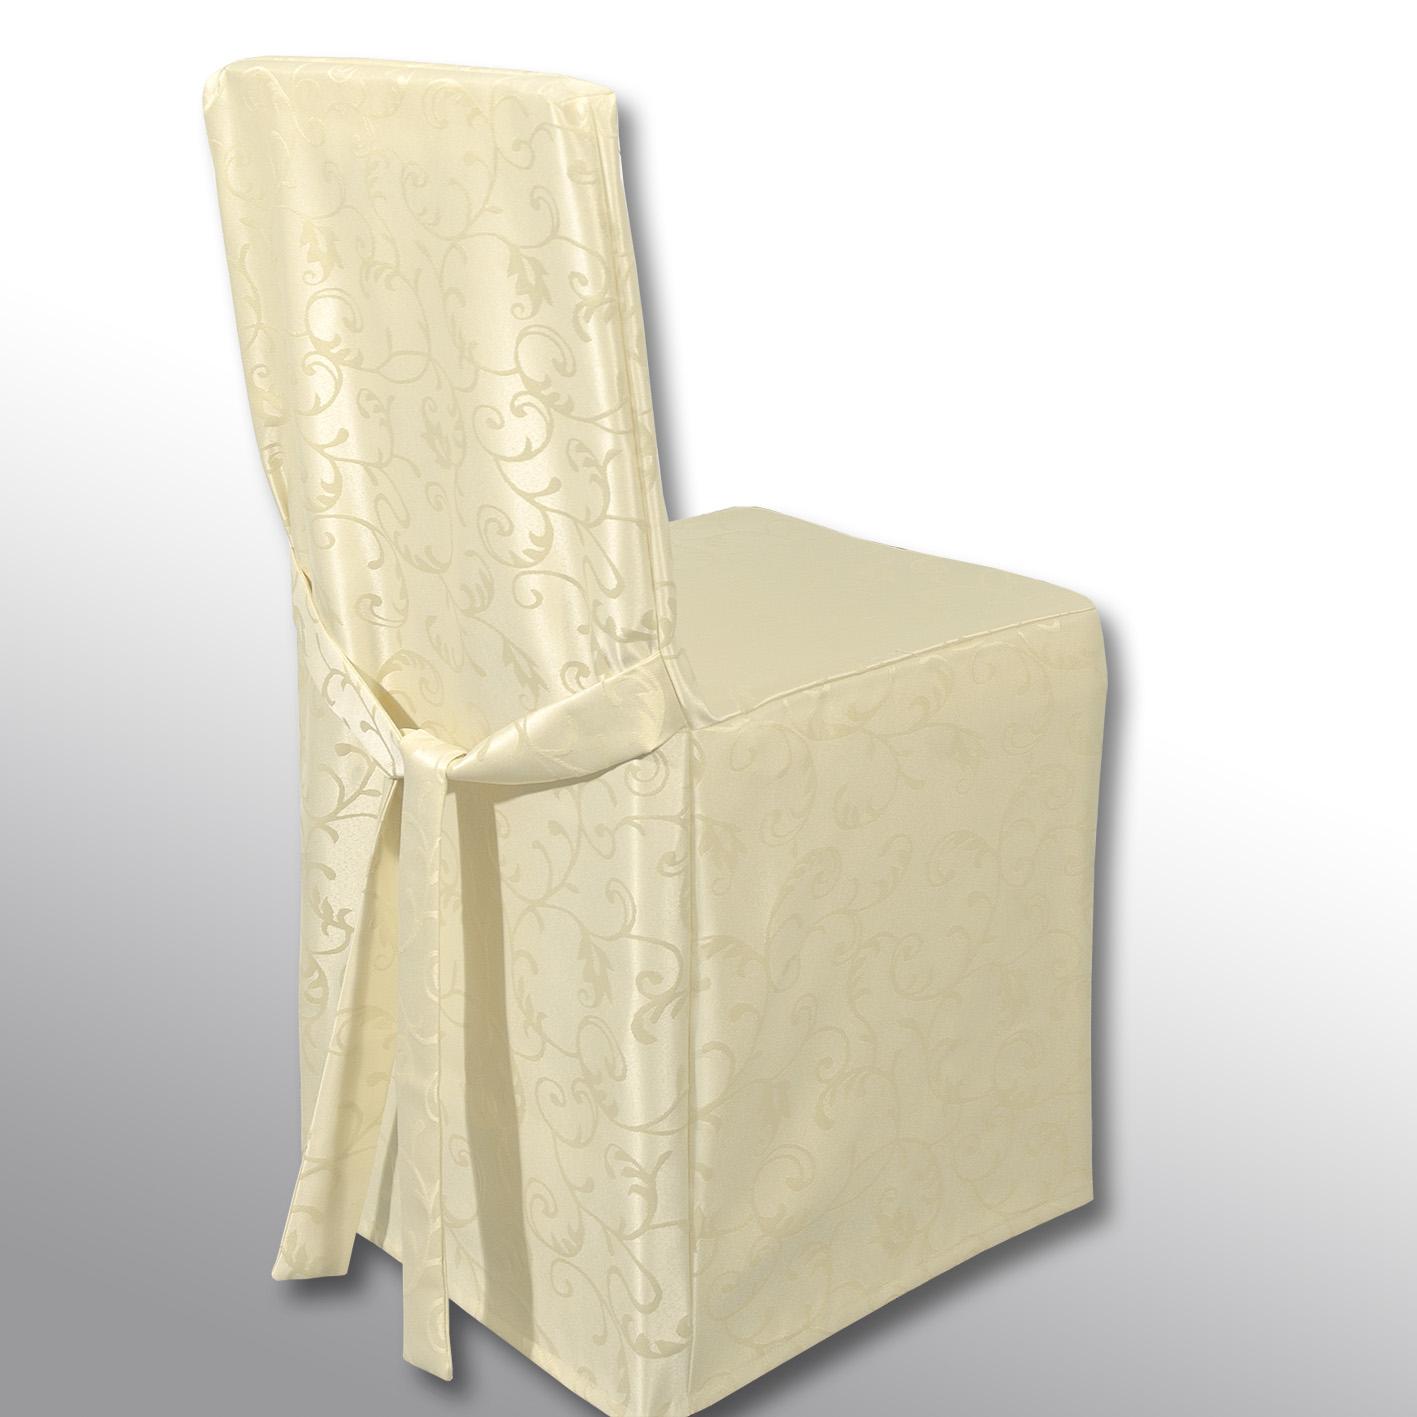 """Чехол на стул """"Schaefer"""" выполнен из полиэстера с красивым узором. На спинке чехол завязывается на завязки. Предназначен для классического стула со спинкой. Такой чехол изысканно дополнит интерьер вашего дома."""